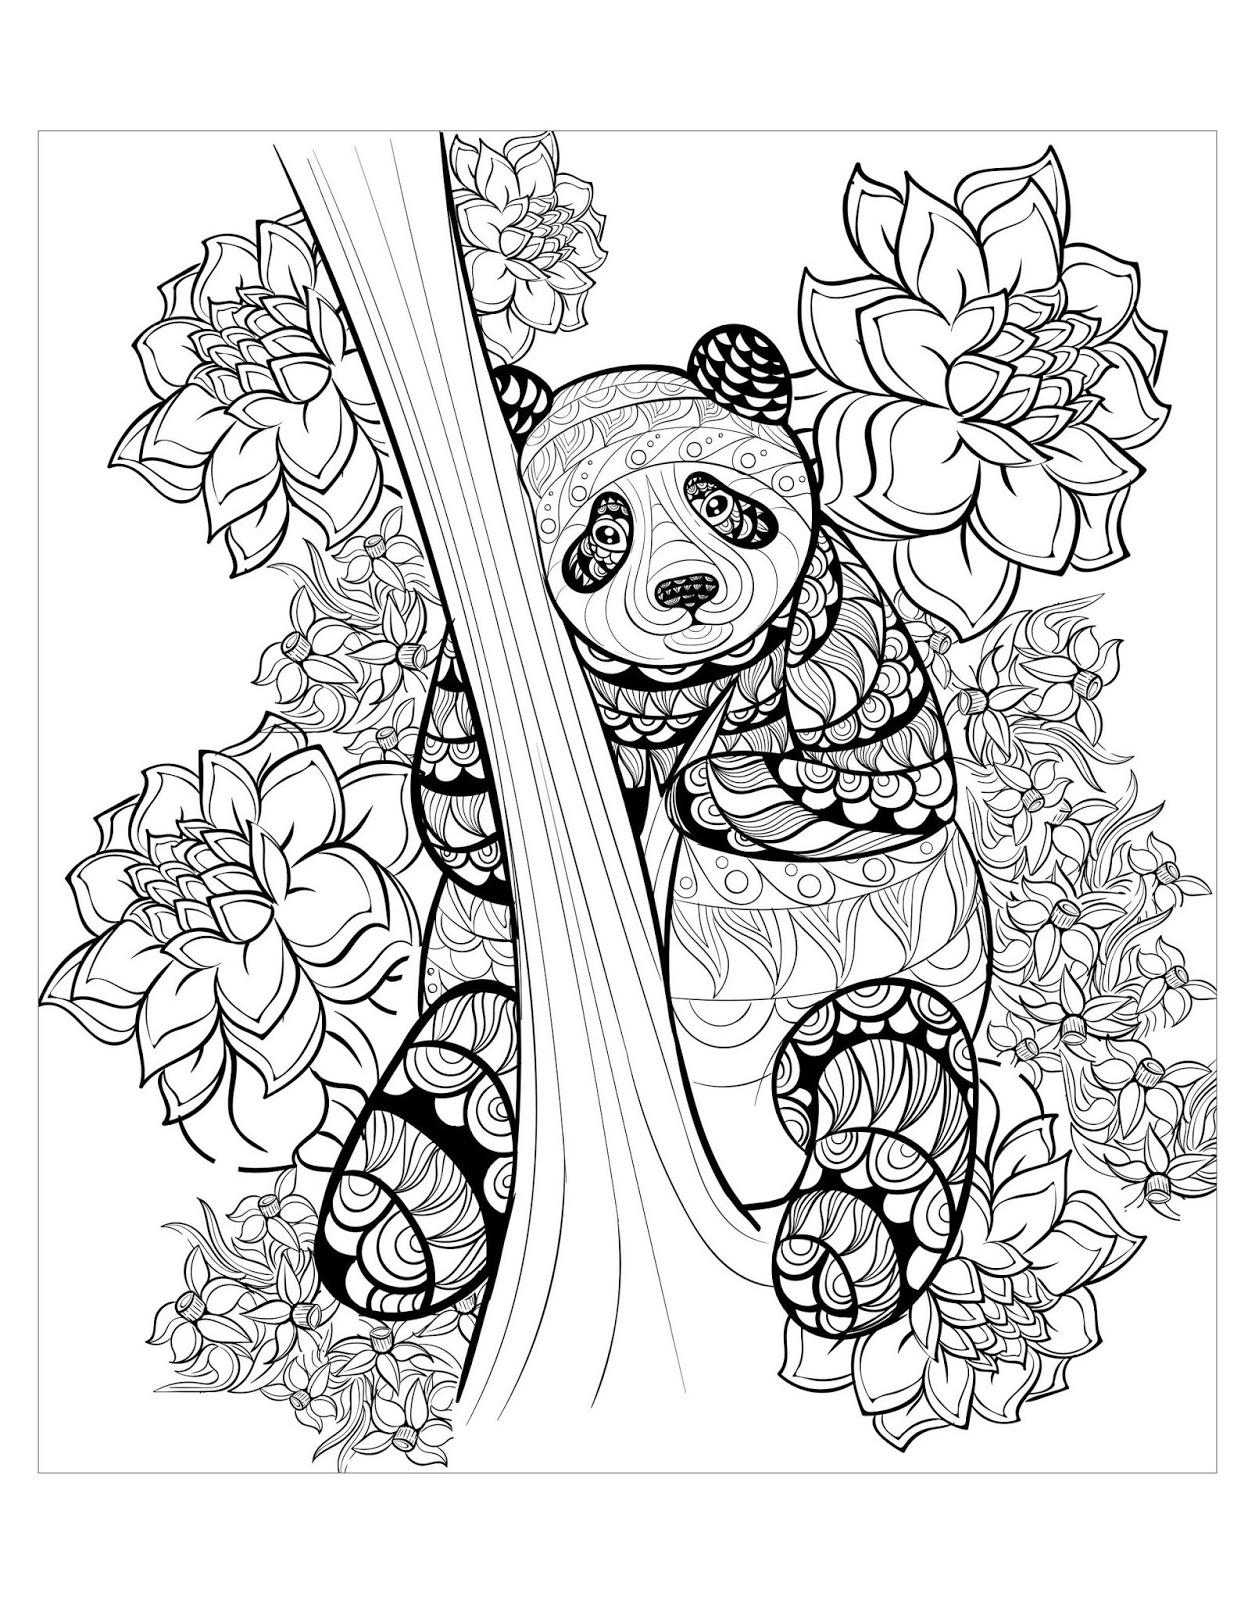 Tranh tô màu con gấu trúc và hoa